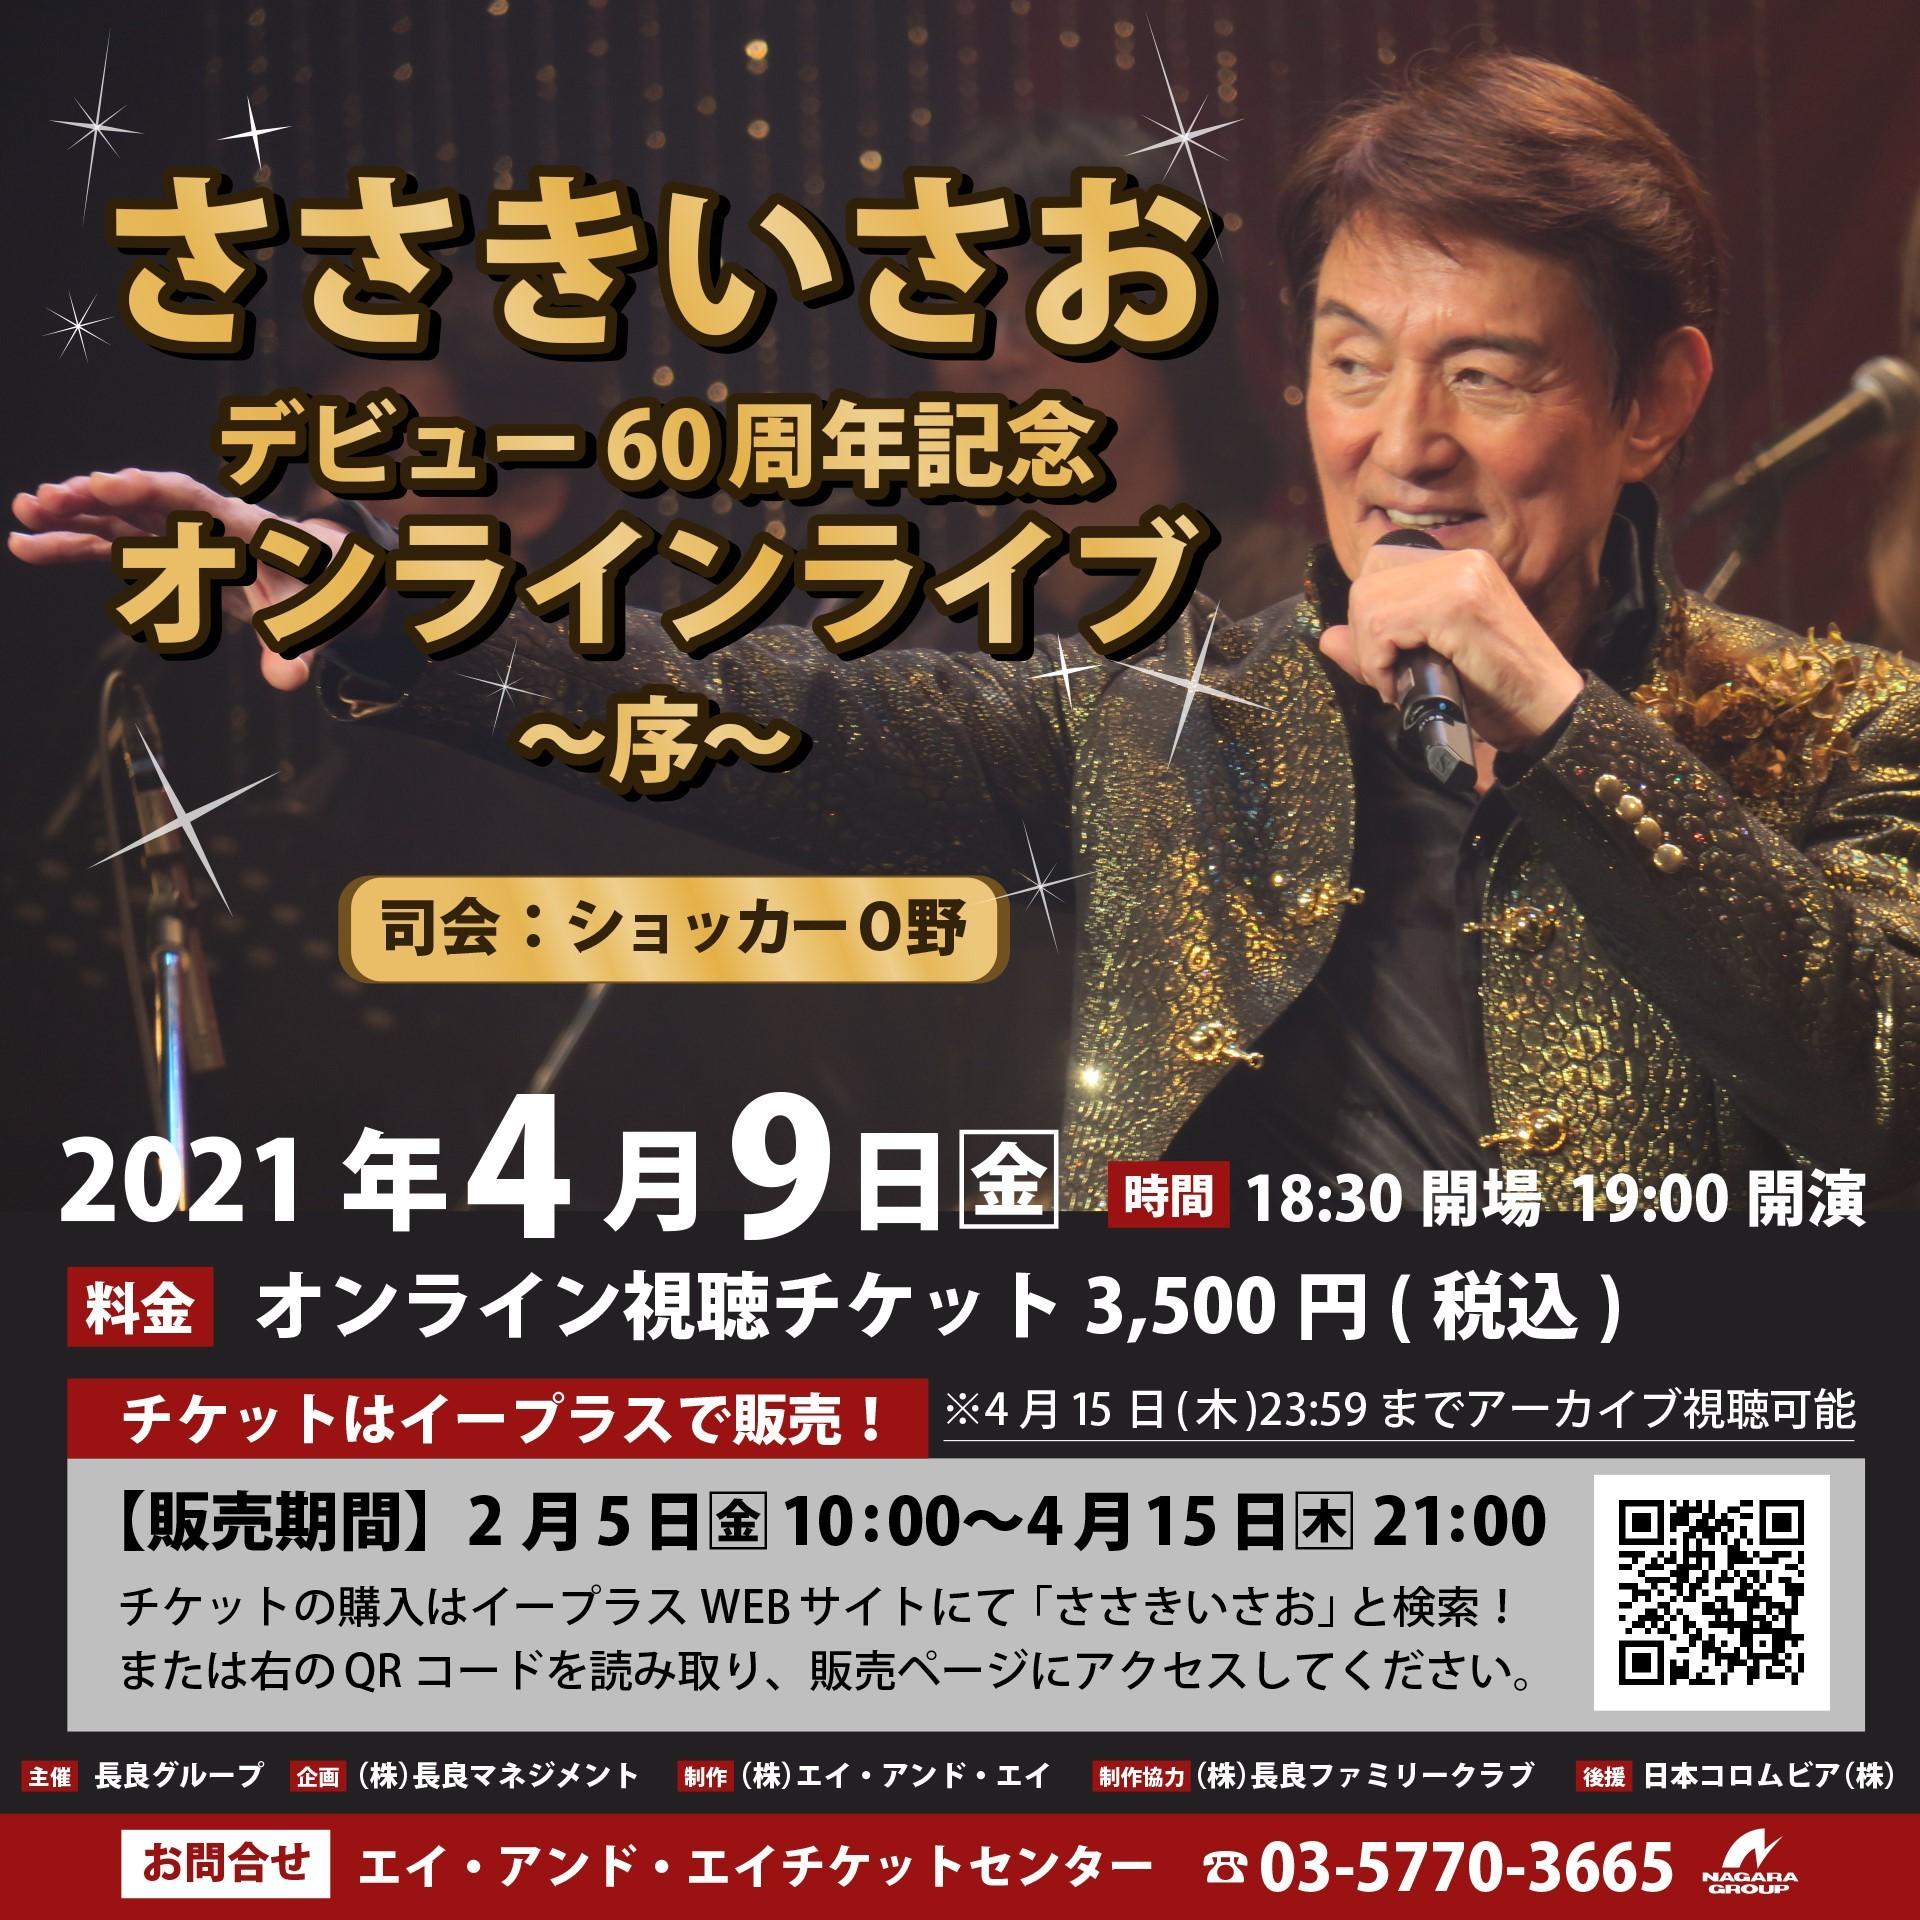 『ささきいさおデビュー60周年記念オンラインライブ~序~』ポスター